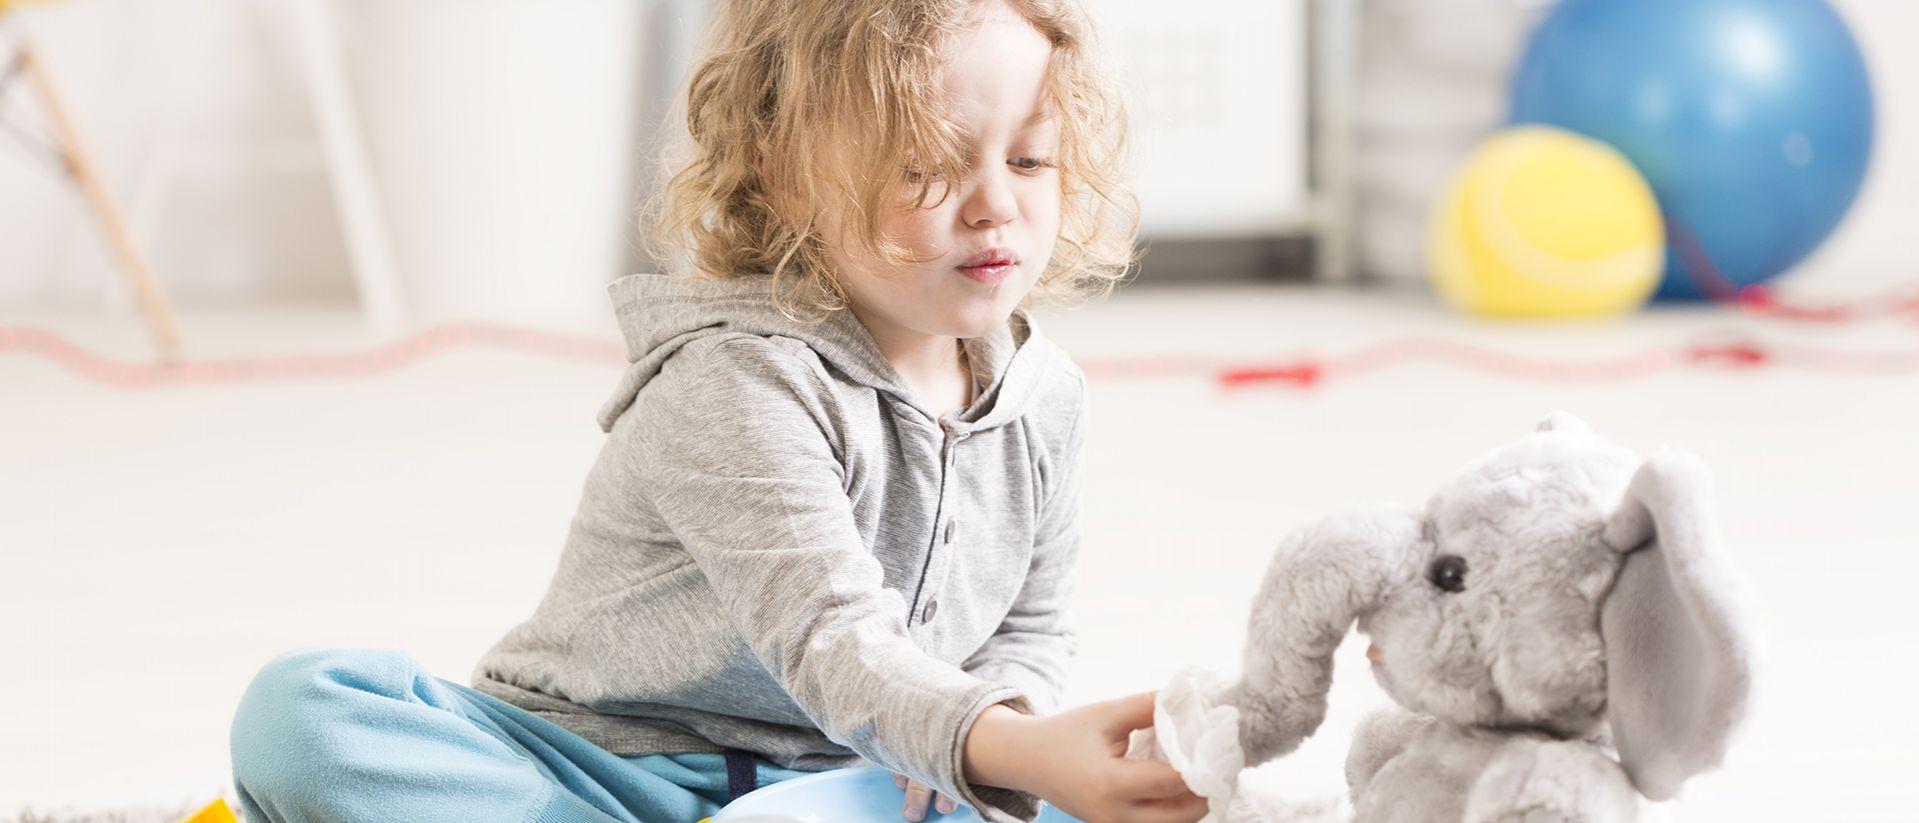 Asma e muffe: scoperto come le spore scatenano l'attacco